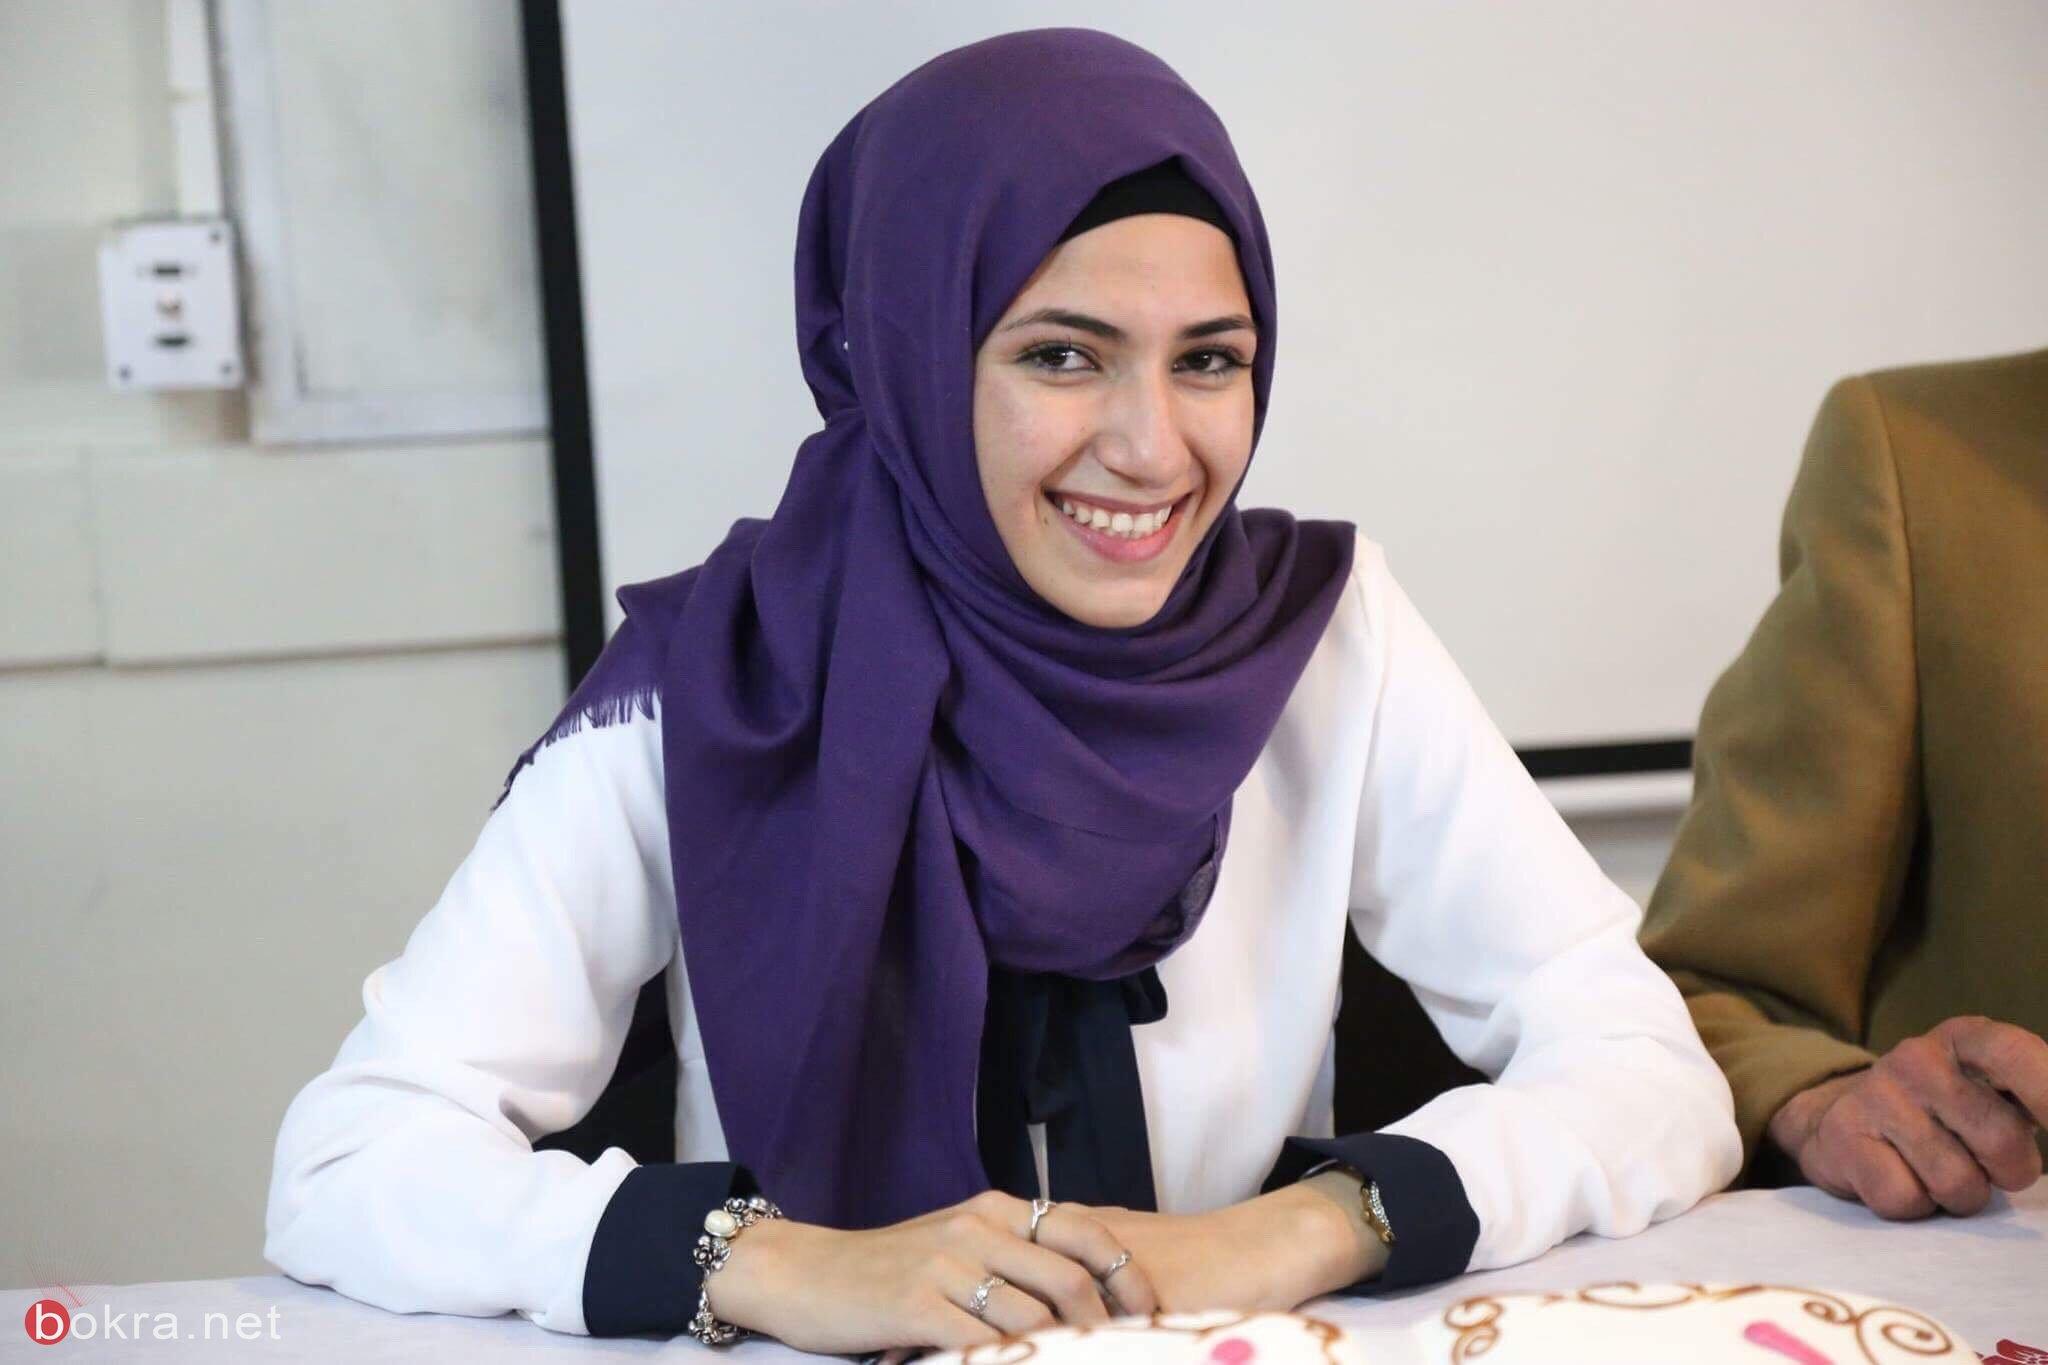 لُجين شوشة، كاتبة واعدة أصدرت كتابين رغم انها تلميذة في مدرسة